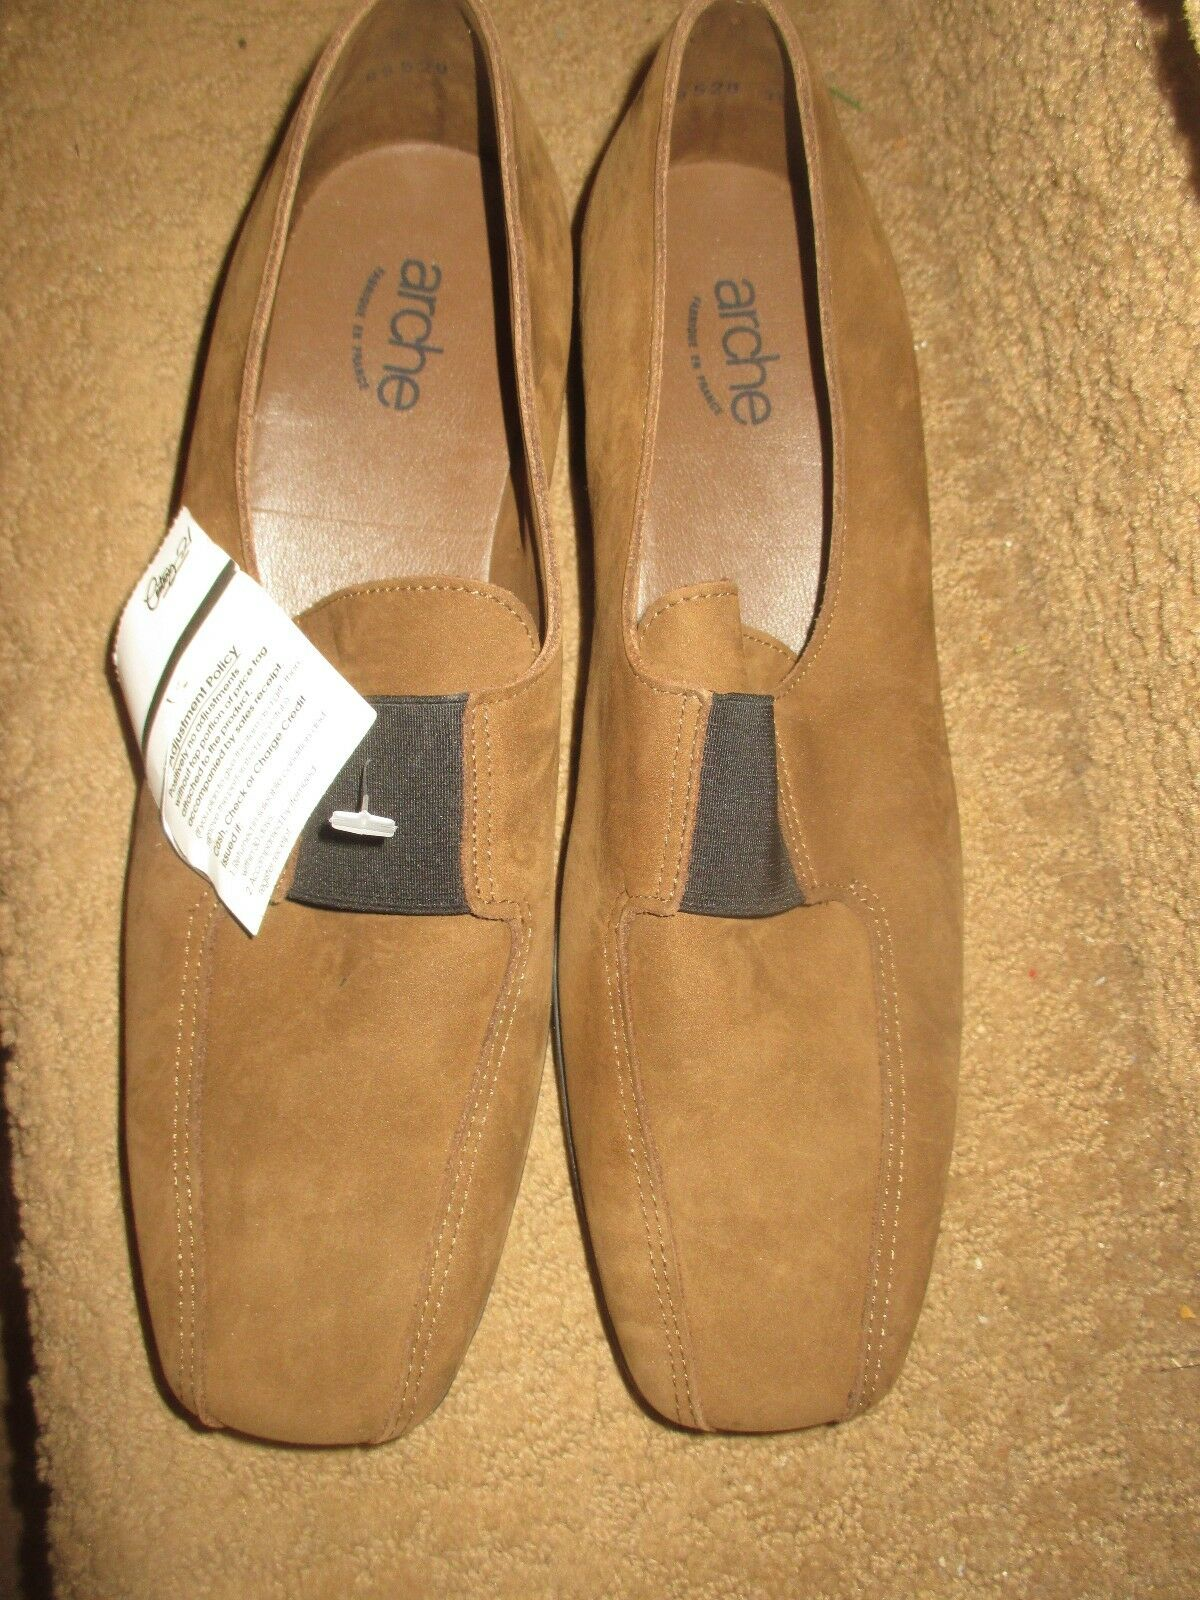 negozio online donna ARCHE Marrone LEATHER WEDGE WEDGE WEDGE scarpe, SZ 40, LQQK    economico e alla moda